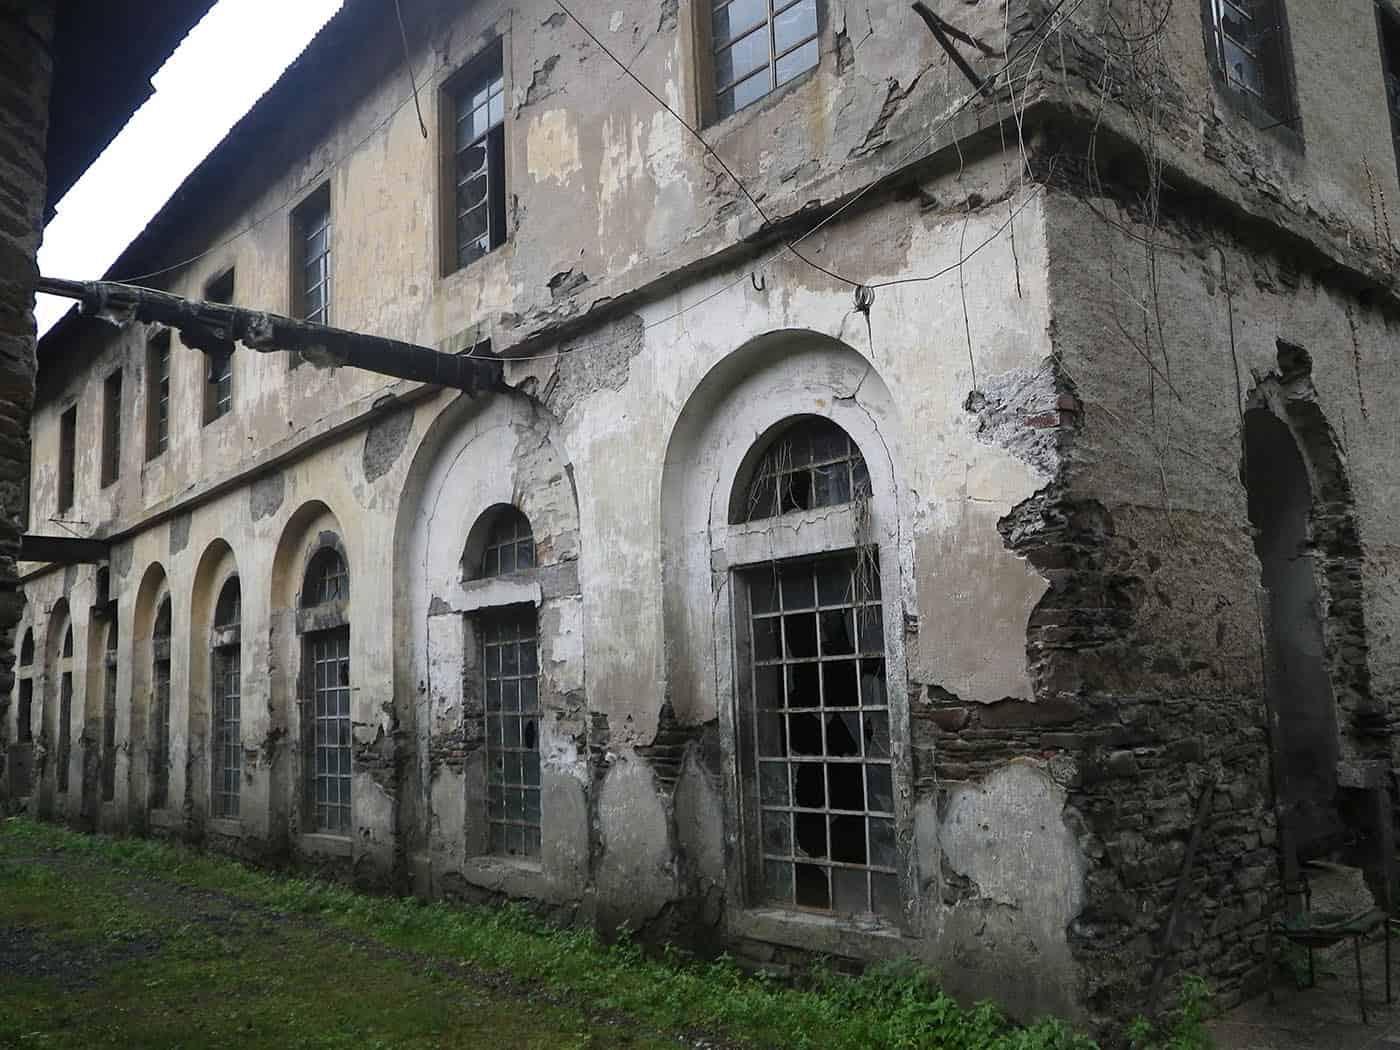 Abbildung: Die alte Fassade der alten Wollfabrik in Moselkern